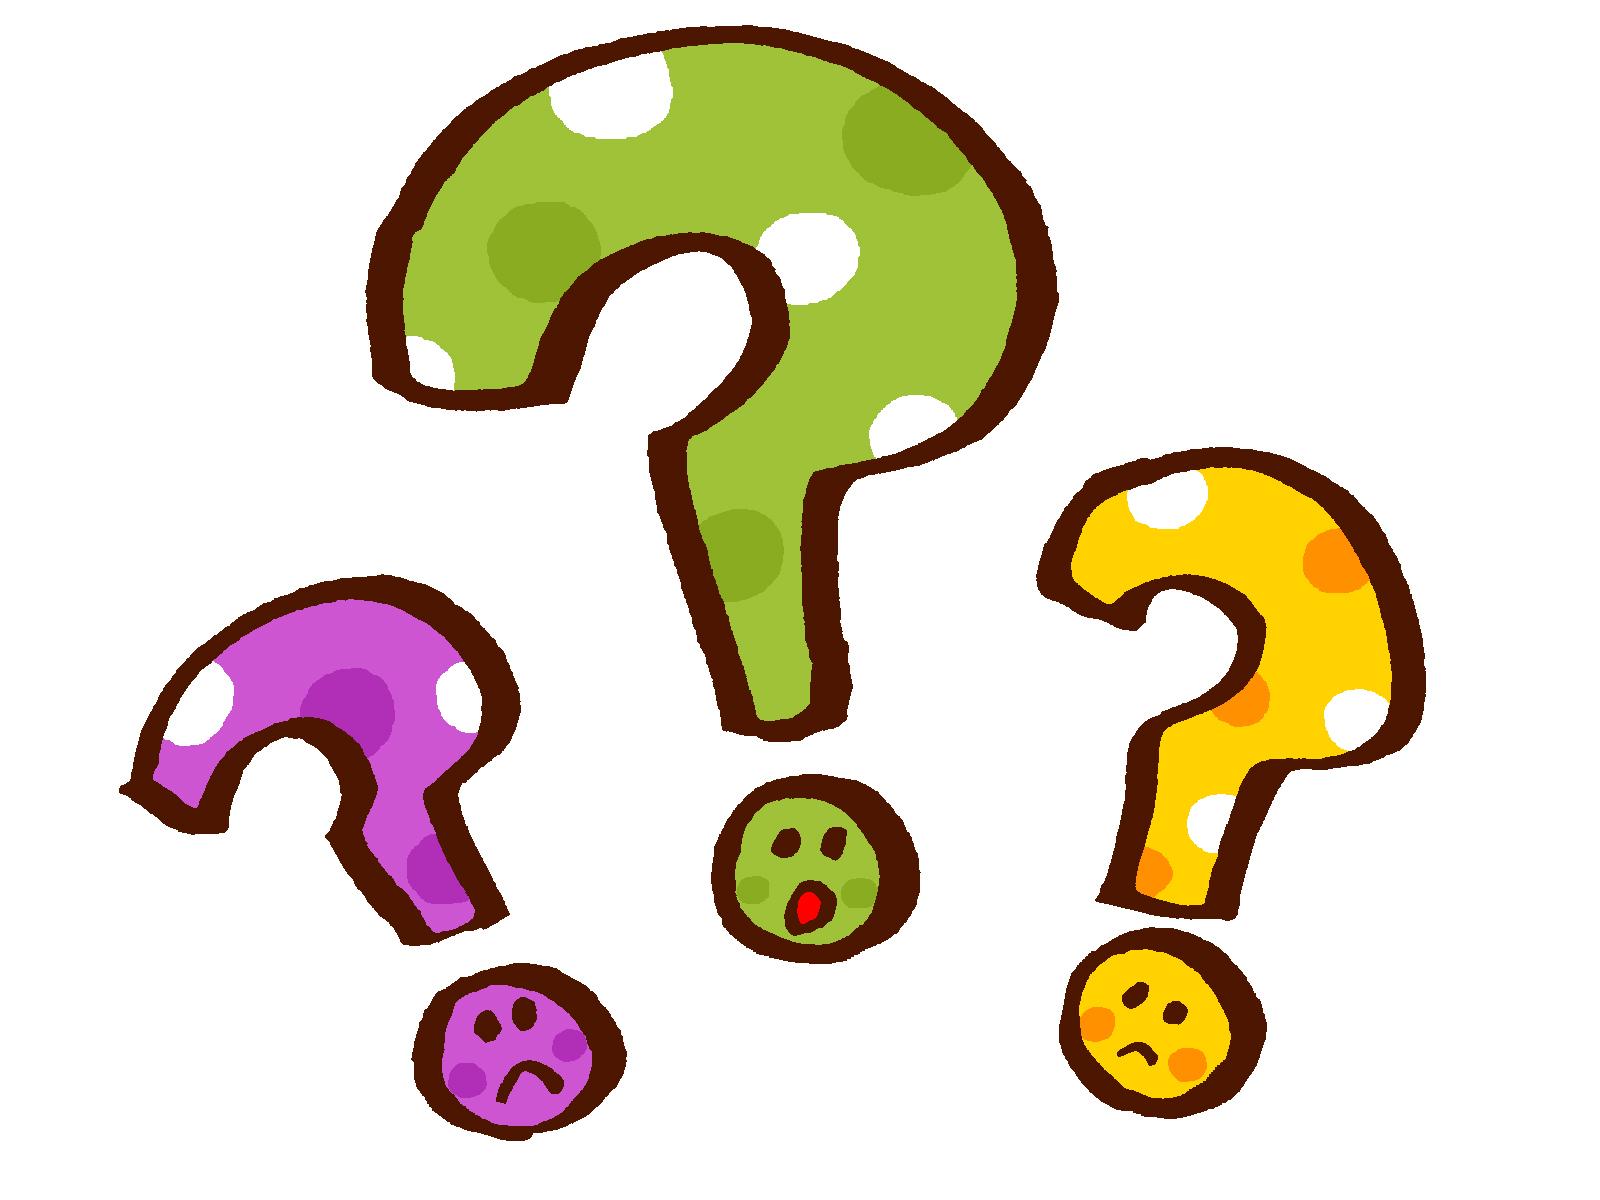 【高齢者向けクイズ】あるなしクイズ15問で脳活性!!あなたは何問解ける?